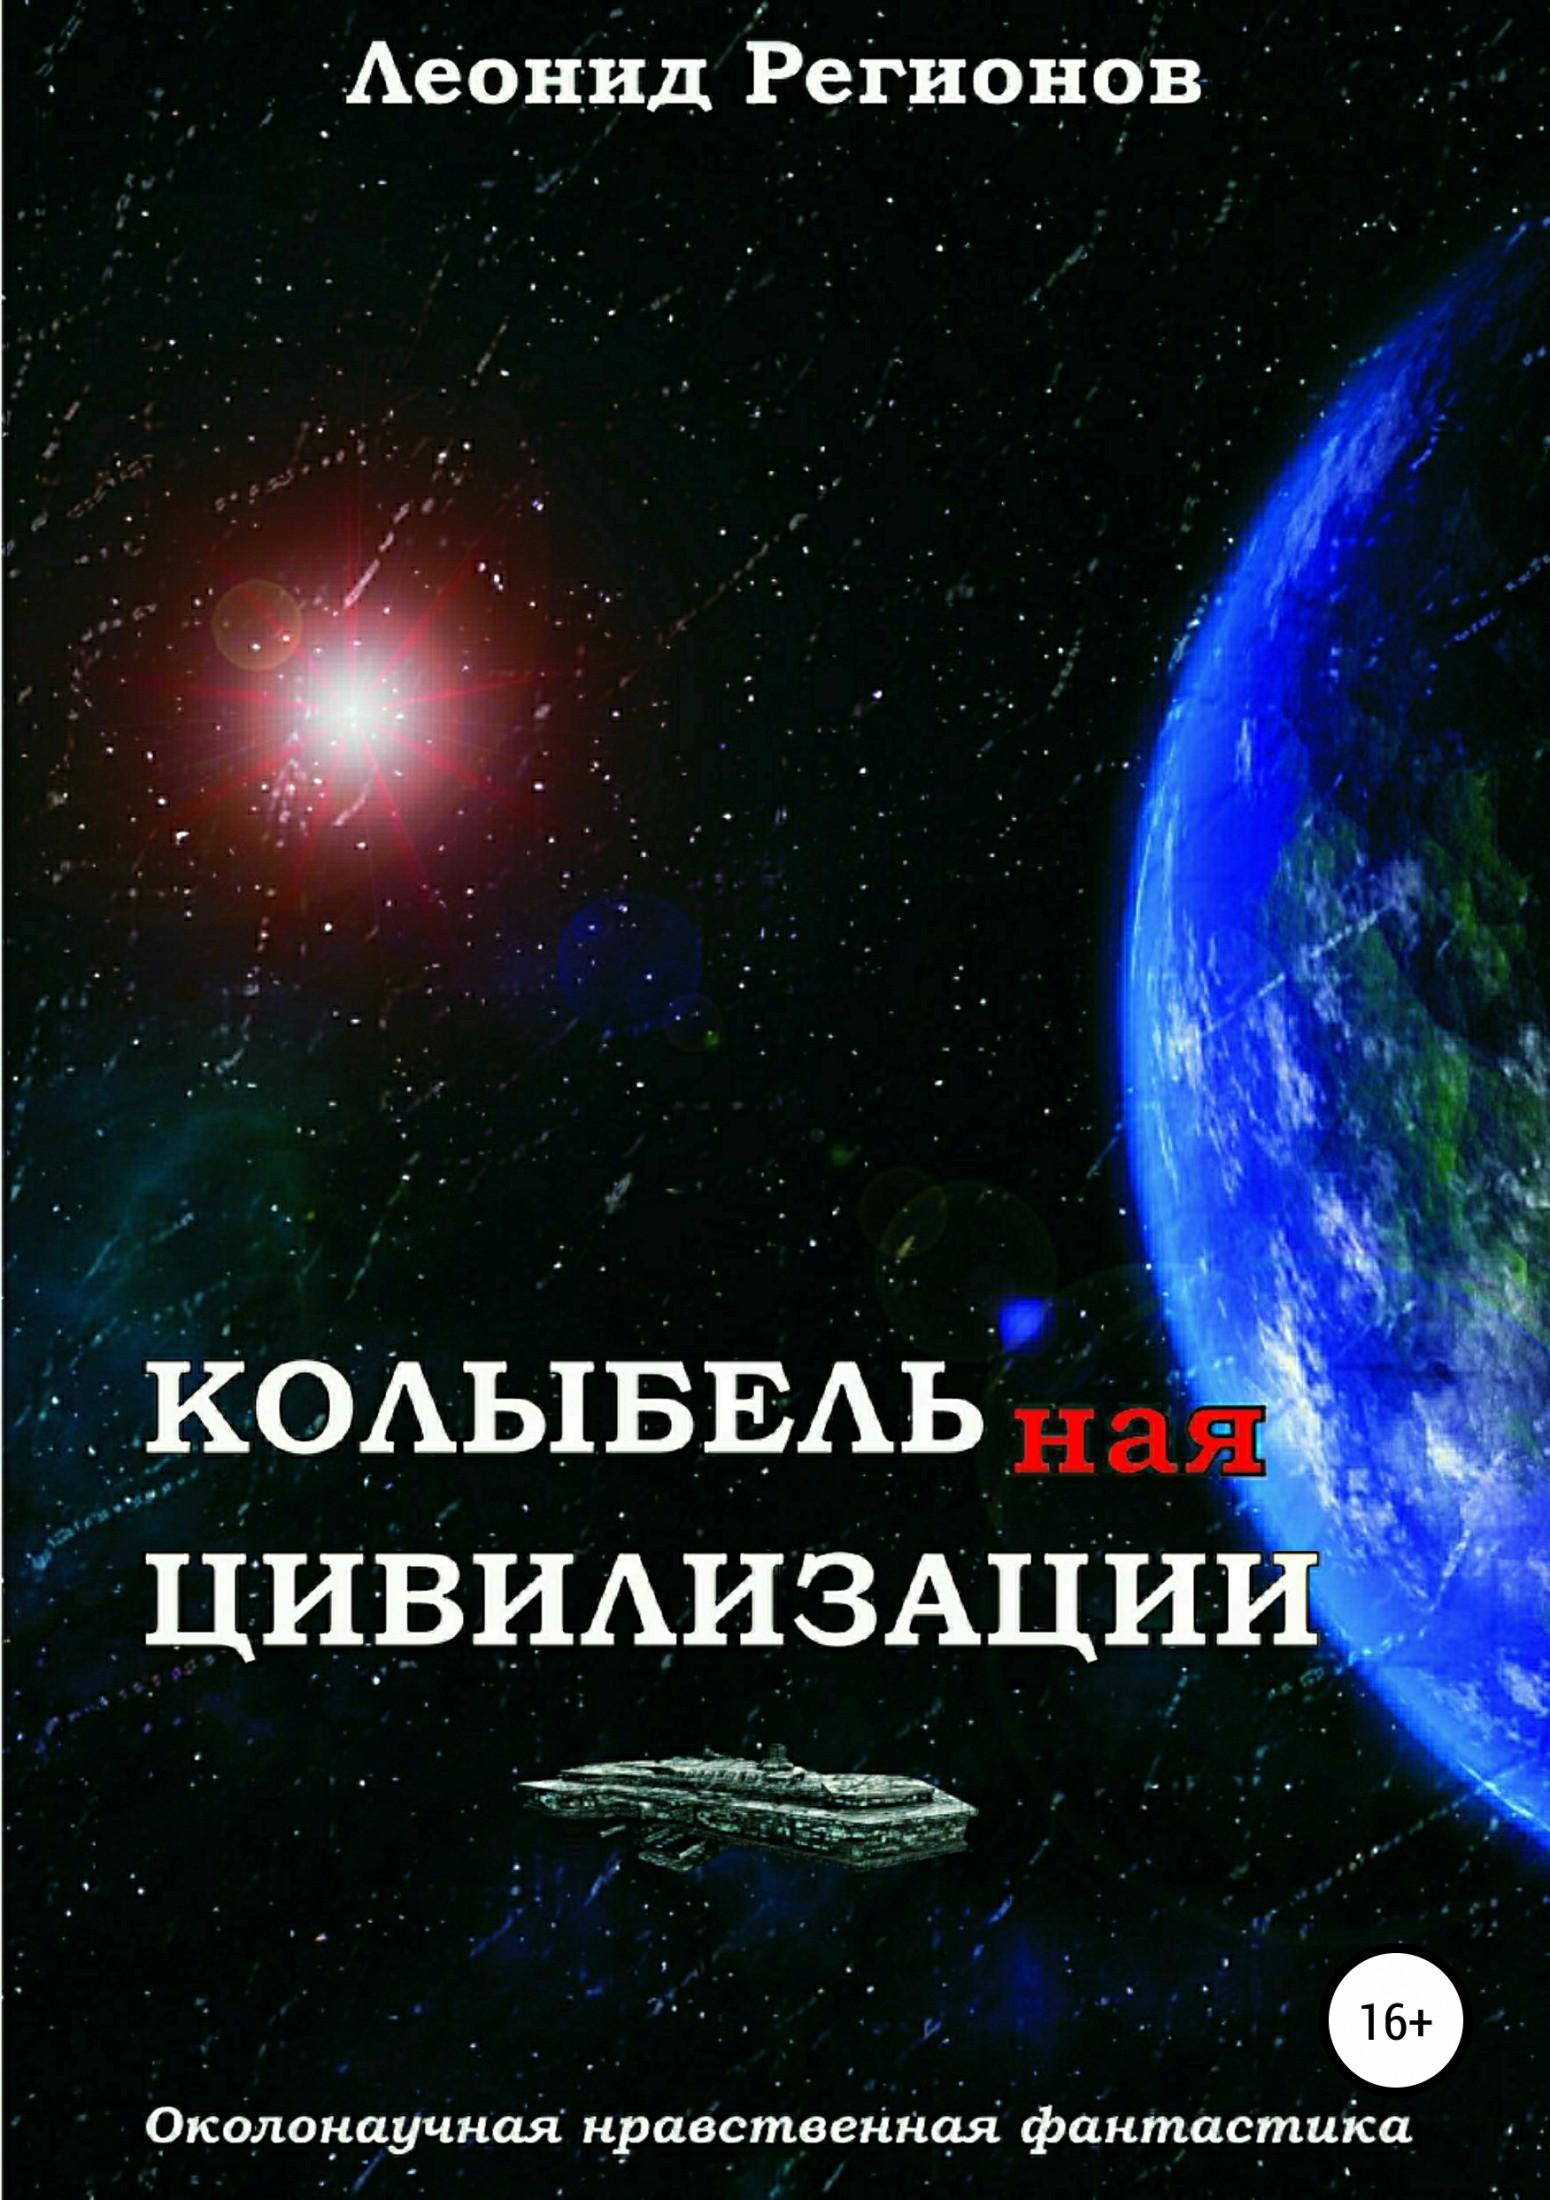 Леонид Регионов - Колыбельная цивилизации